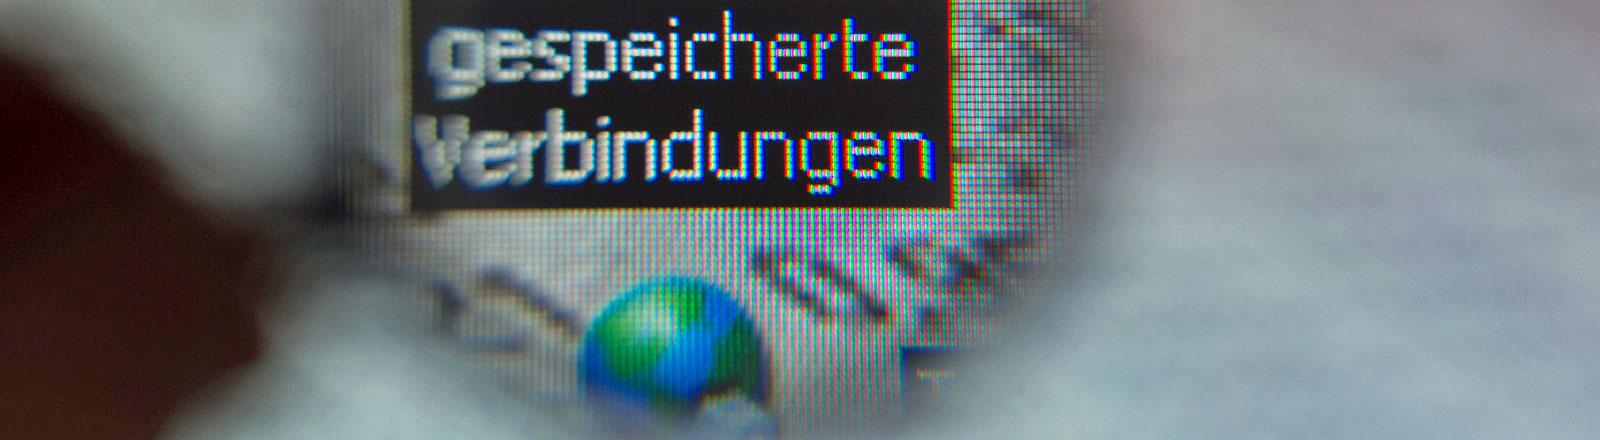 Symbolbild Vorratsdatenspeicherung